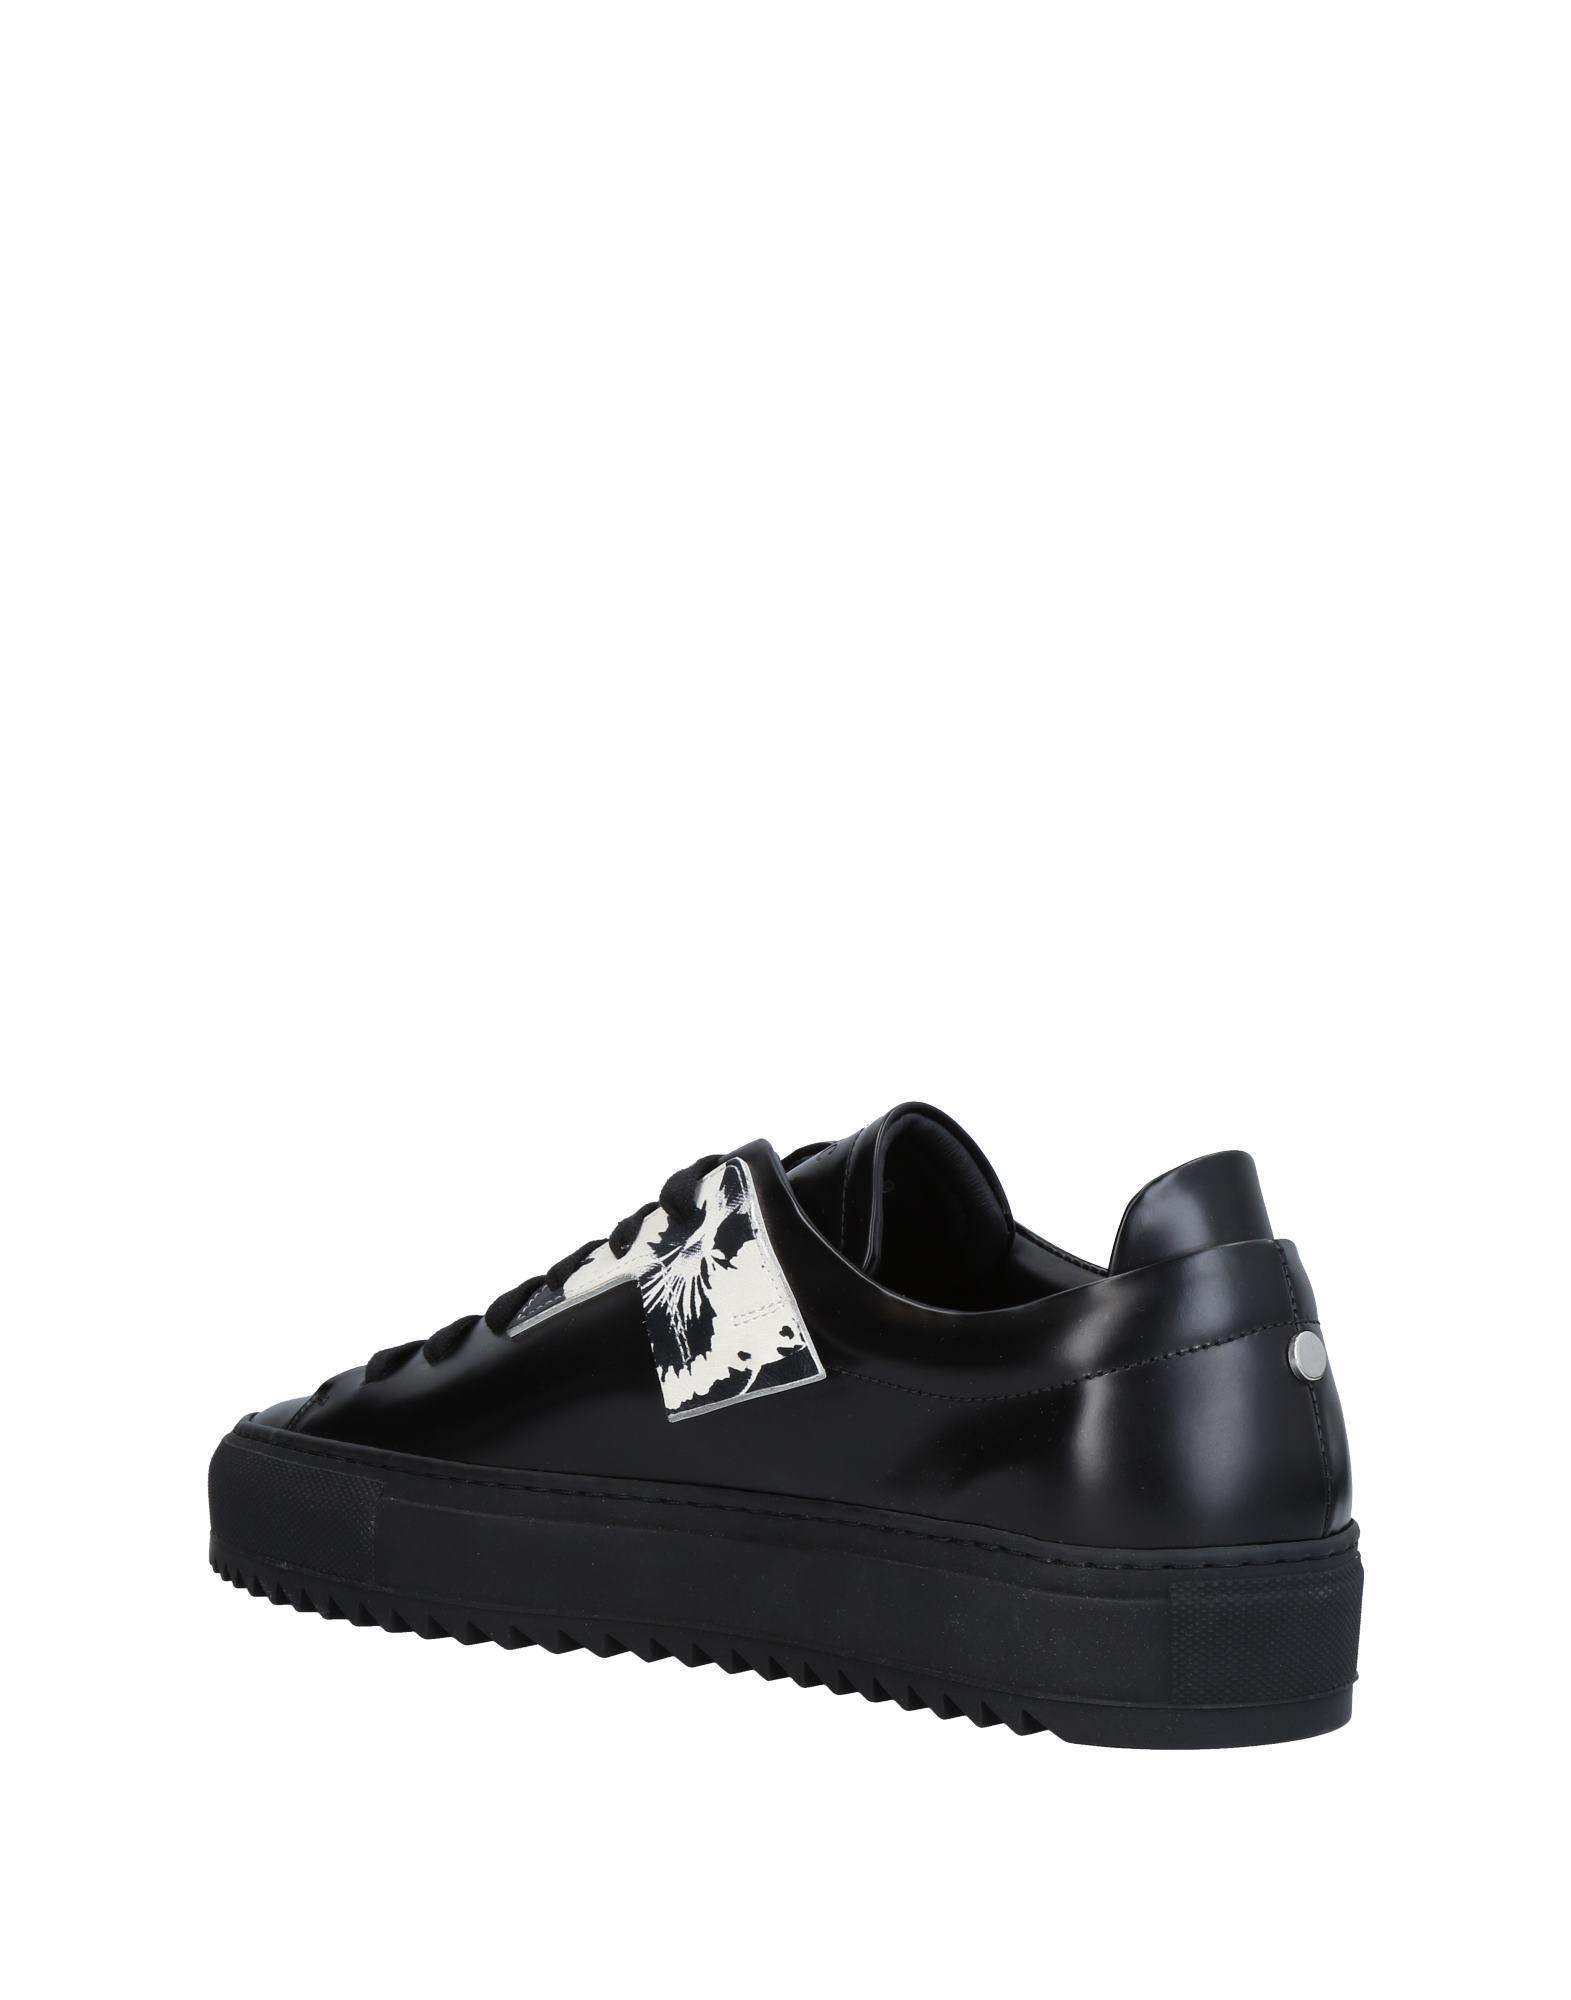 Oamc Sneakers Herren beliebte  11439822TK Gute Qualität beliebte Herren Schuhe dc6403